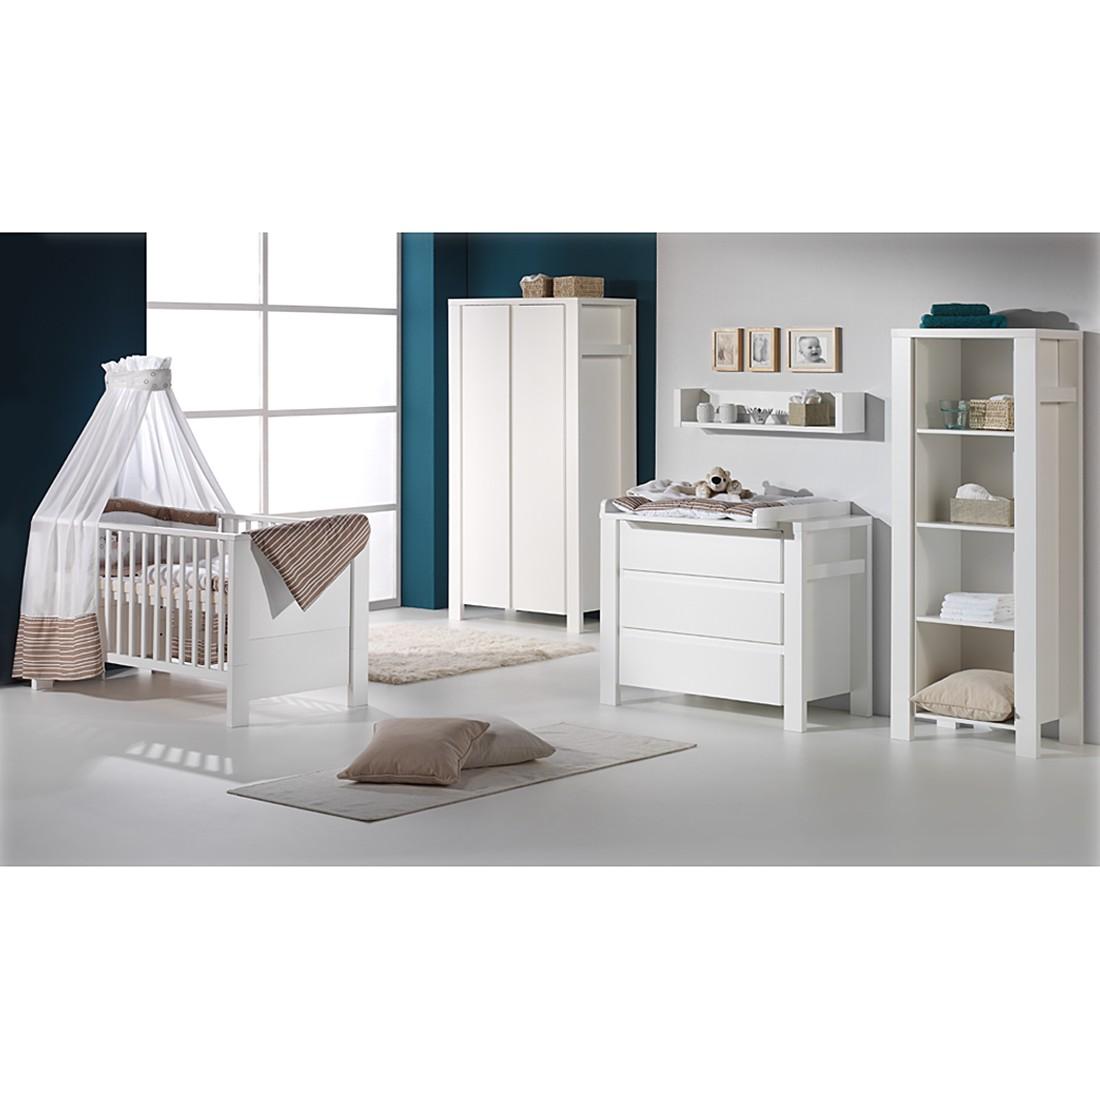 Babyzimmer Milano - Weiß - mit 2-trg. Schrank, ...